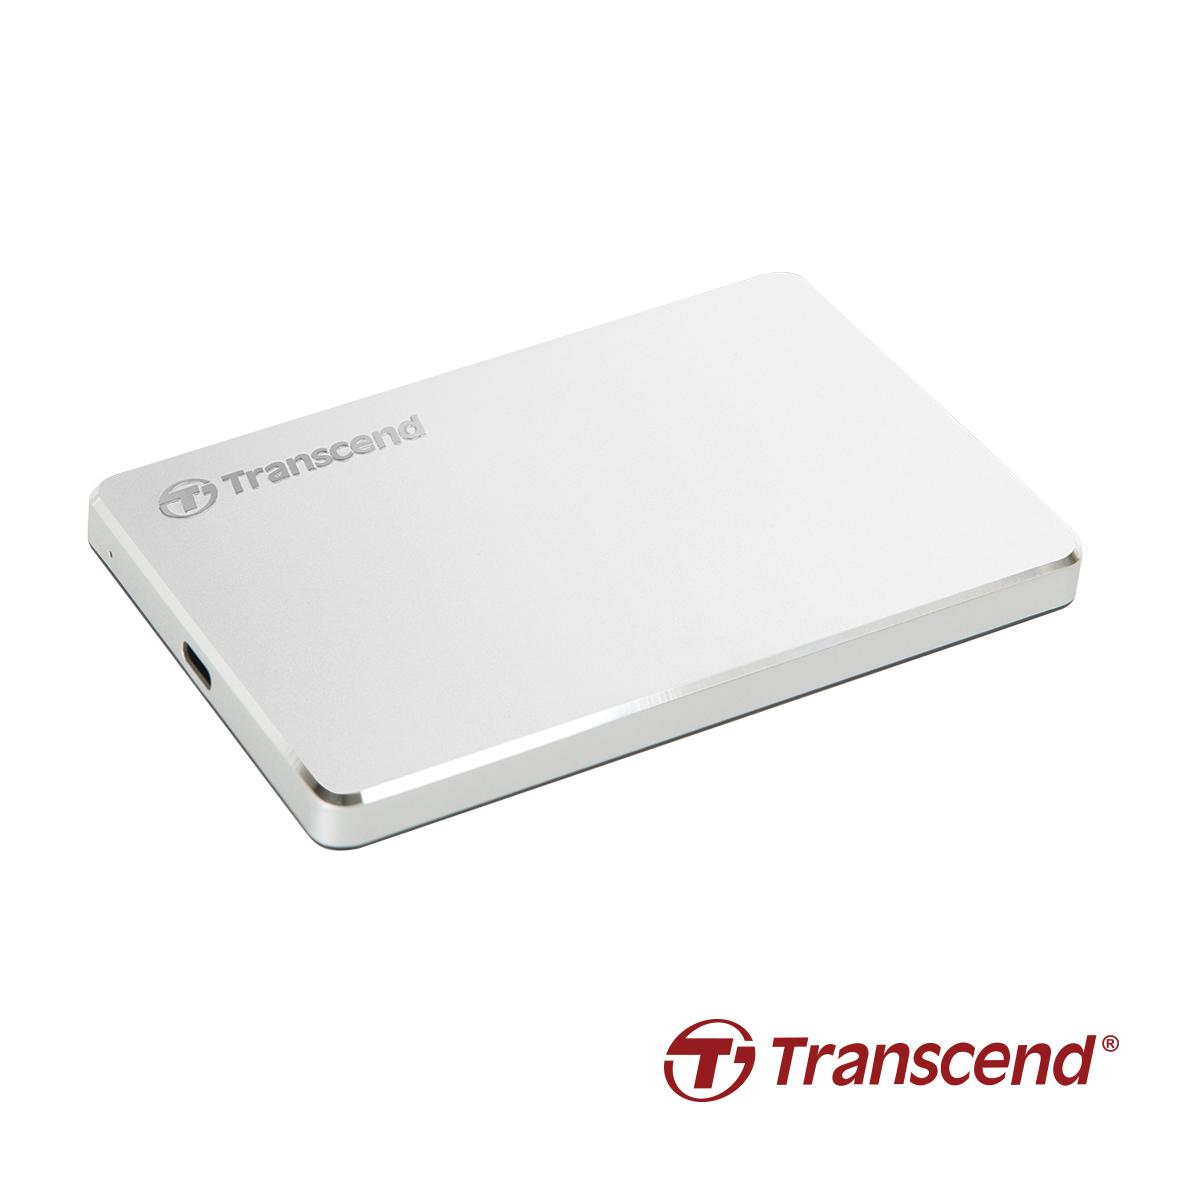 Transcend StoreJet 200 Portable Hard Drive